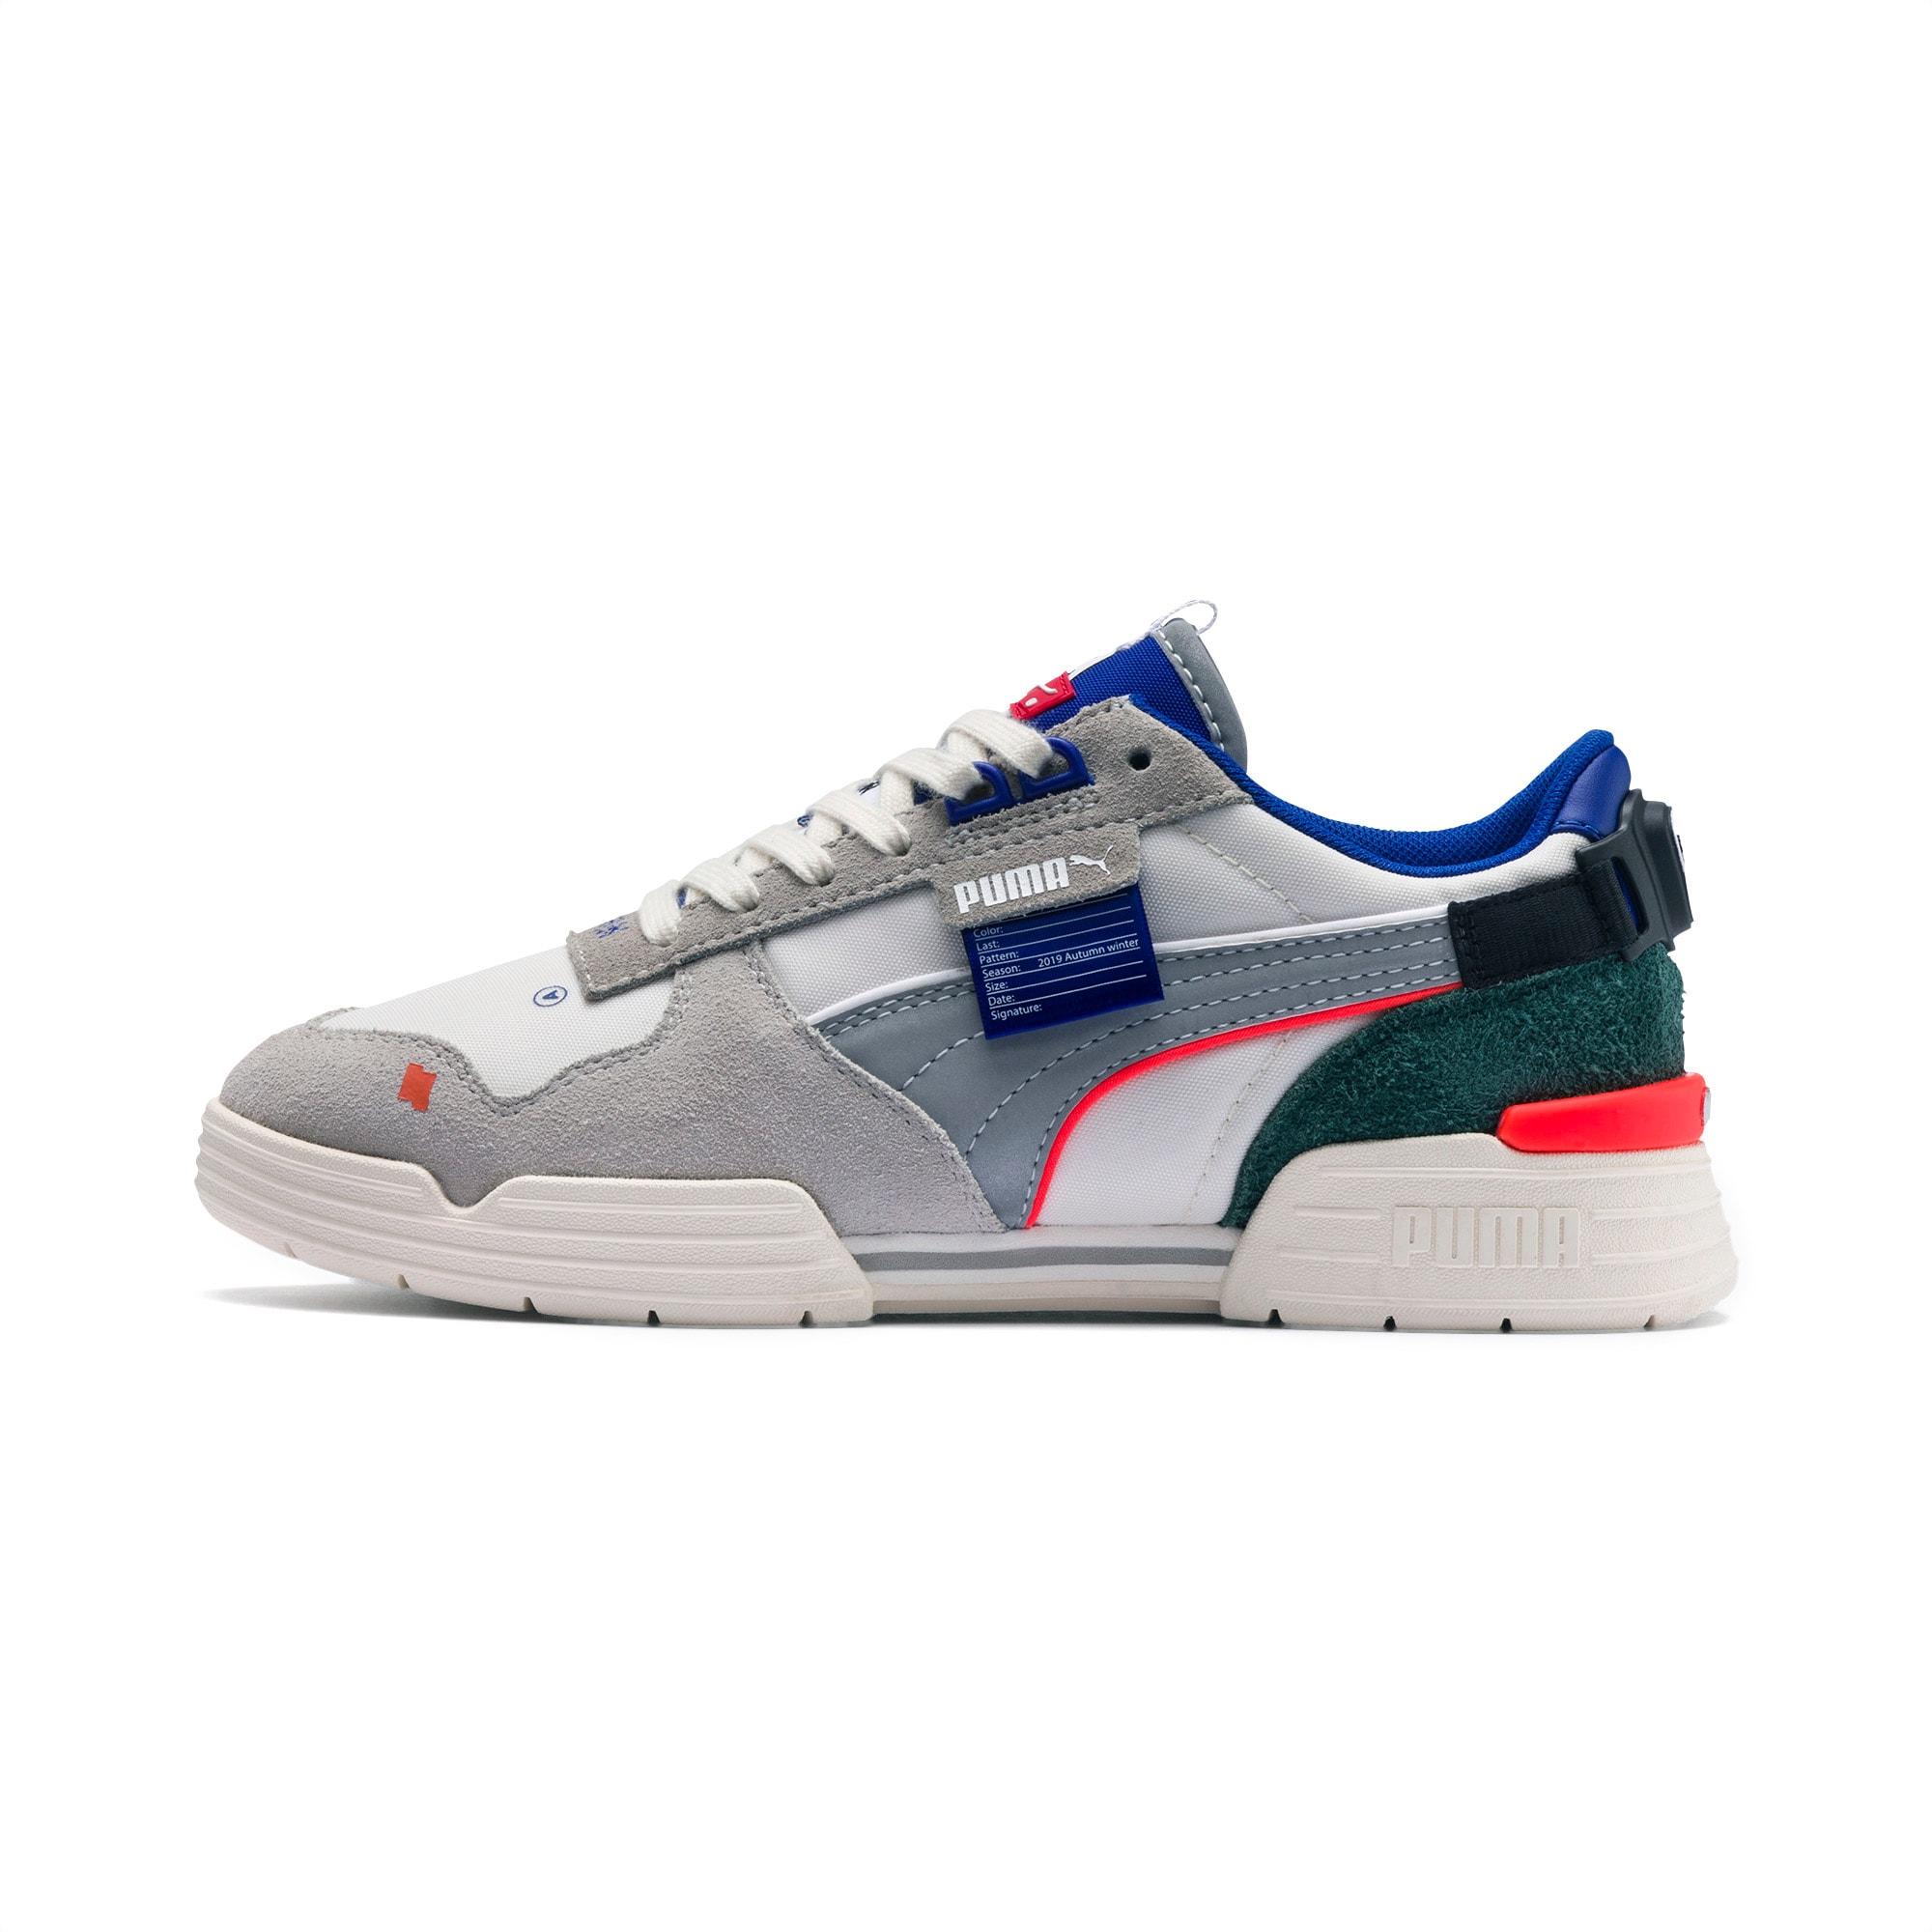 PUMA x ADER ERROR CGR Sneaker | PUMA Ader Error | PUMA